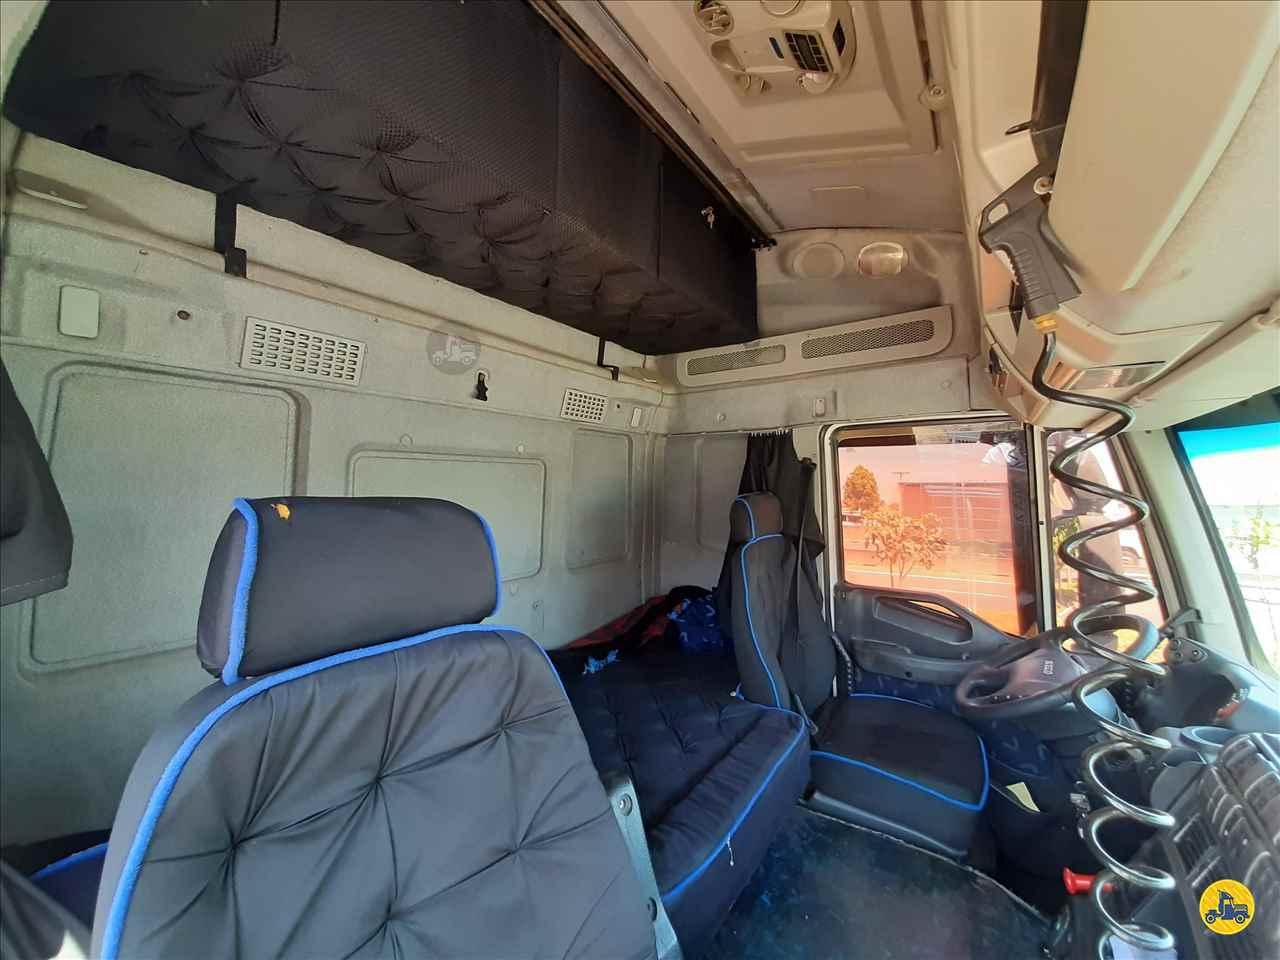 IVECO STRALIS 460 850000km 2011/2012 Beto Caminhões Piracicaba